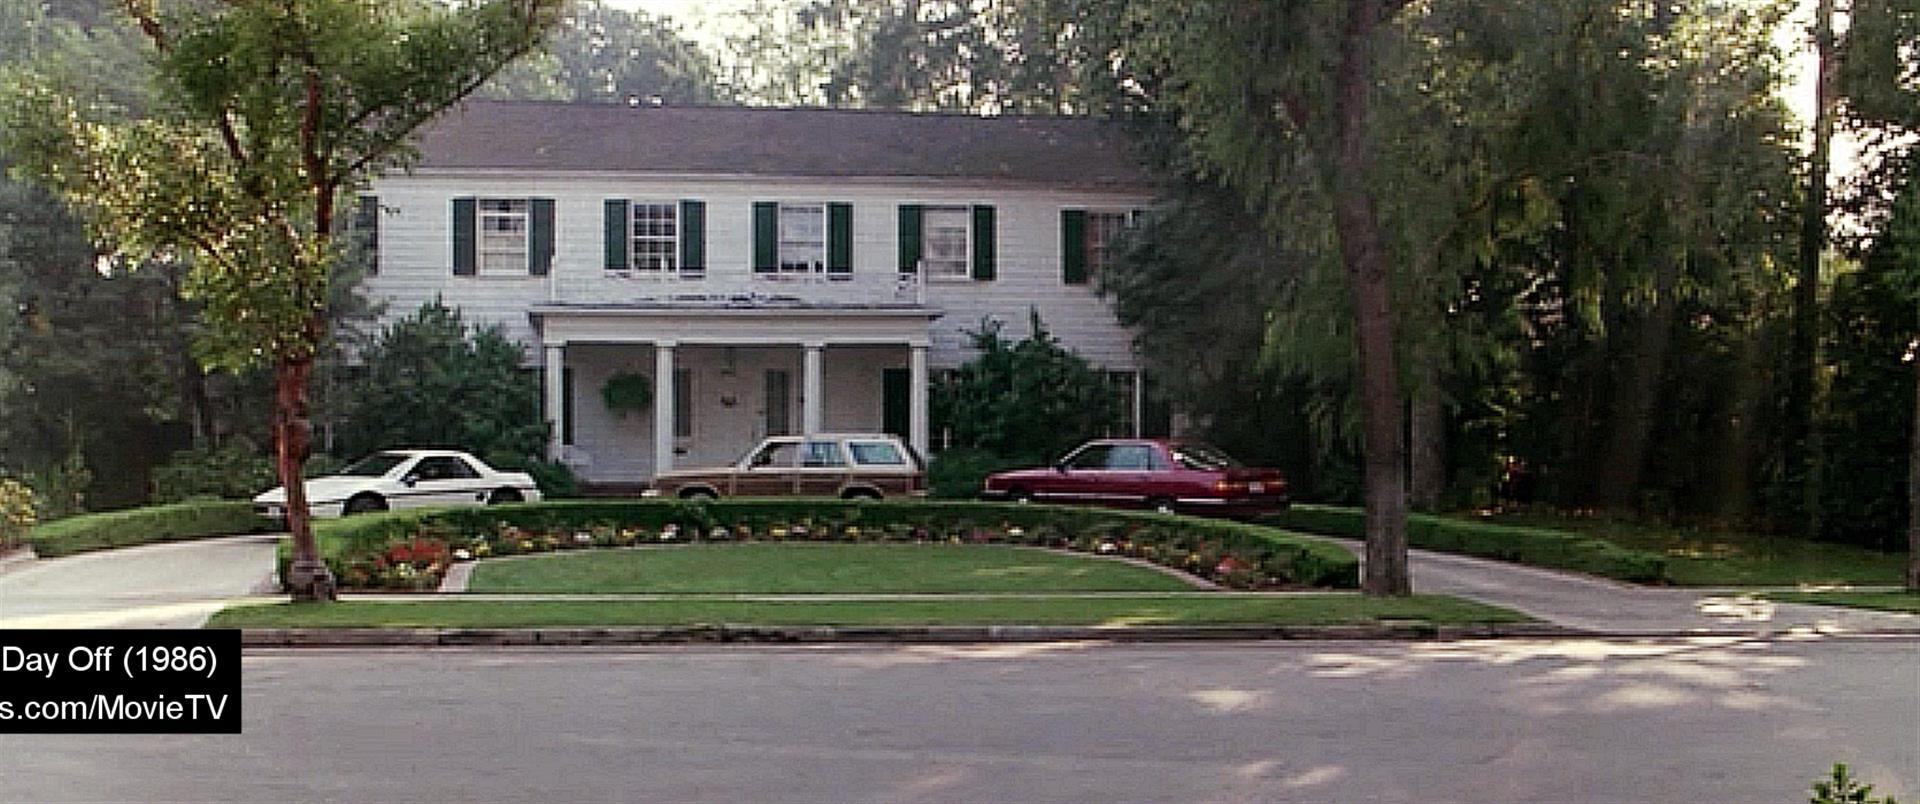 Ferris Bueller's house